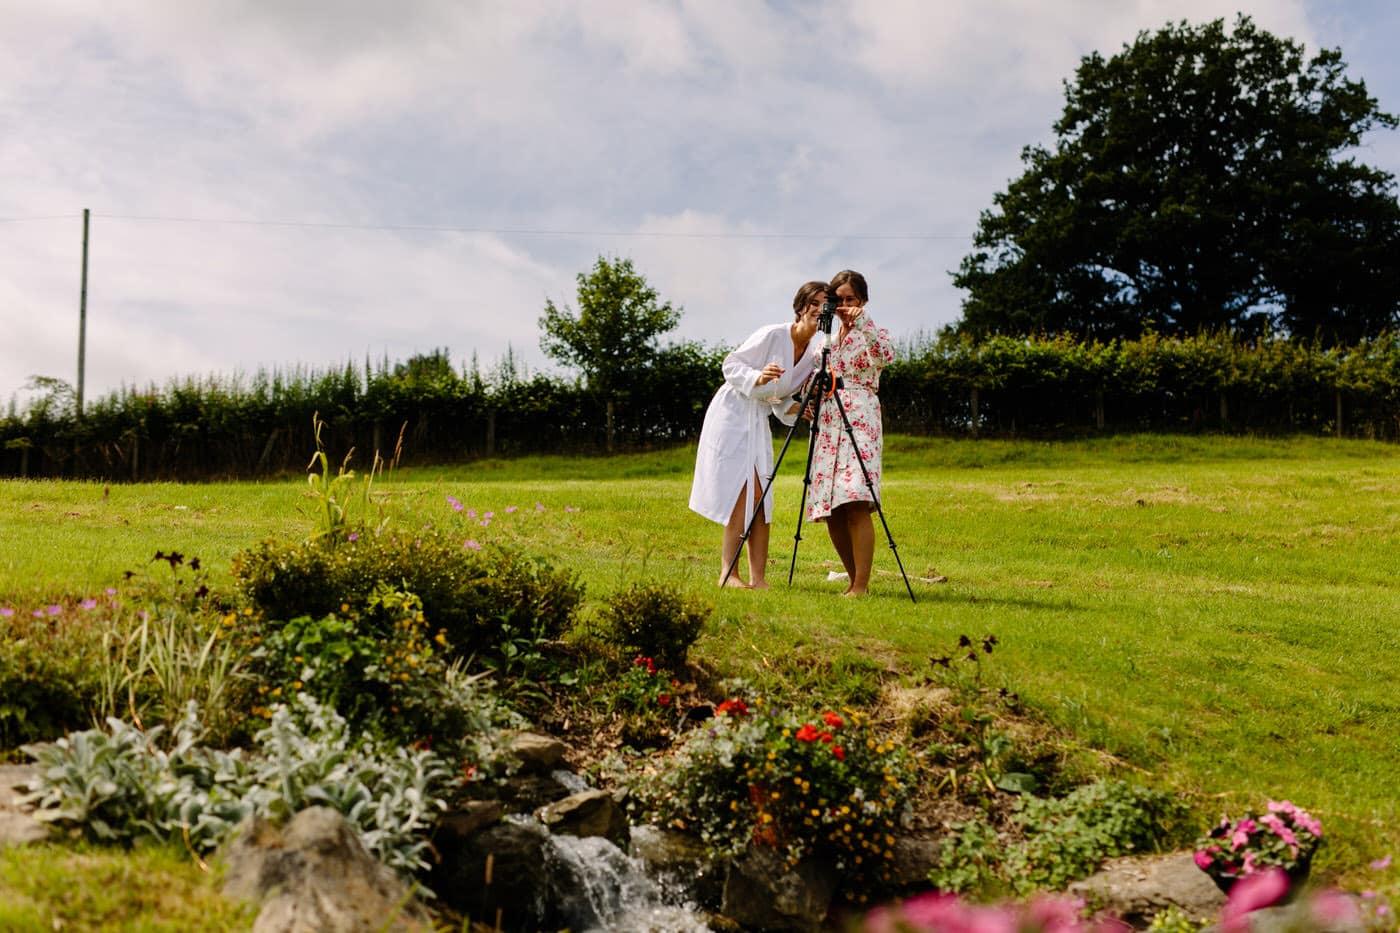 SG NORTH WALES WEDDING 66